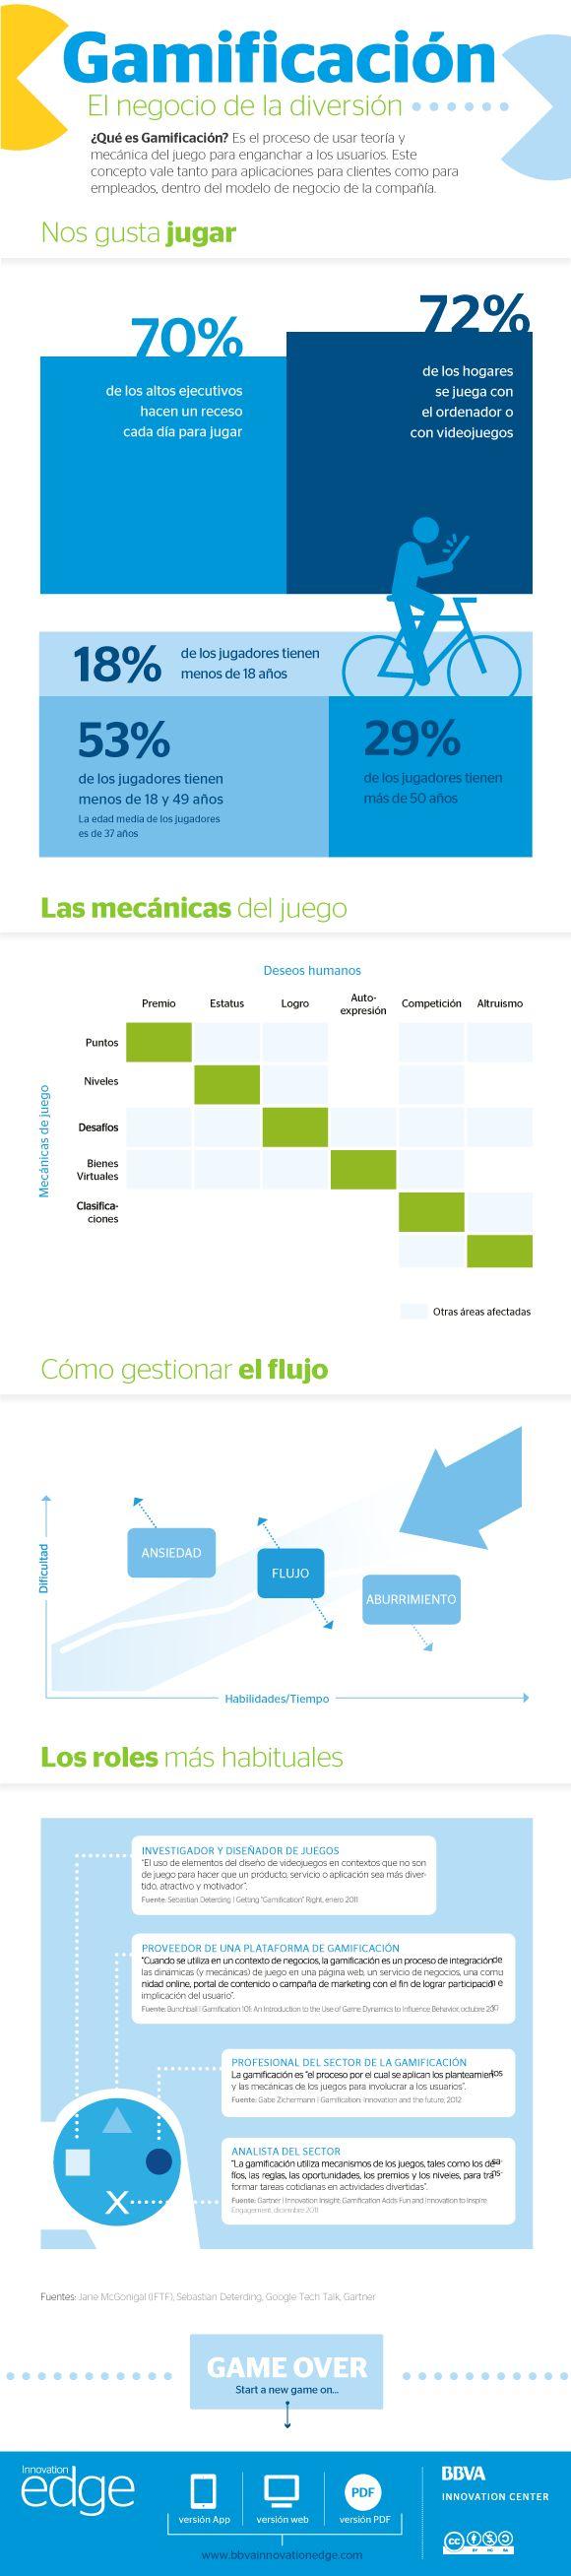 Gamificación, El negocio de la diversión #infographic